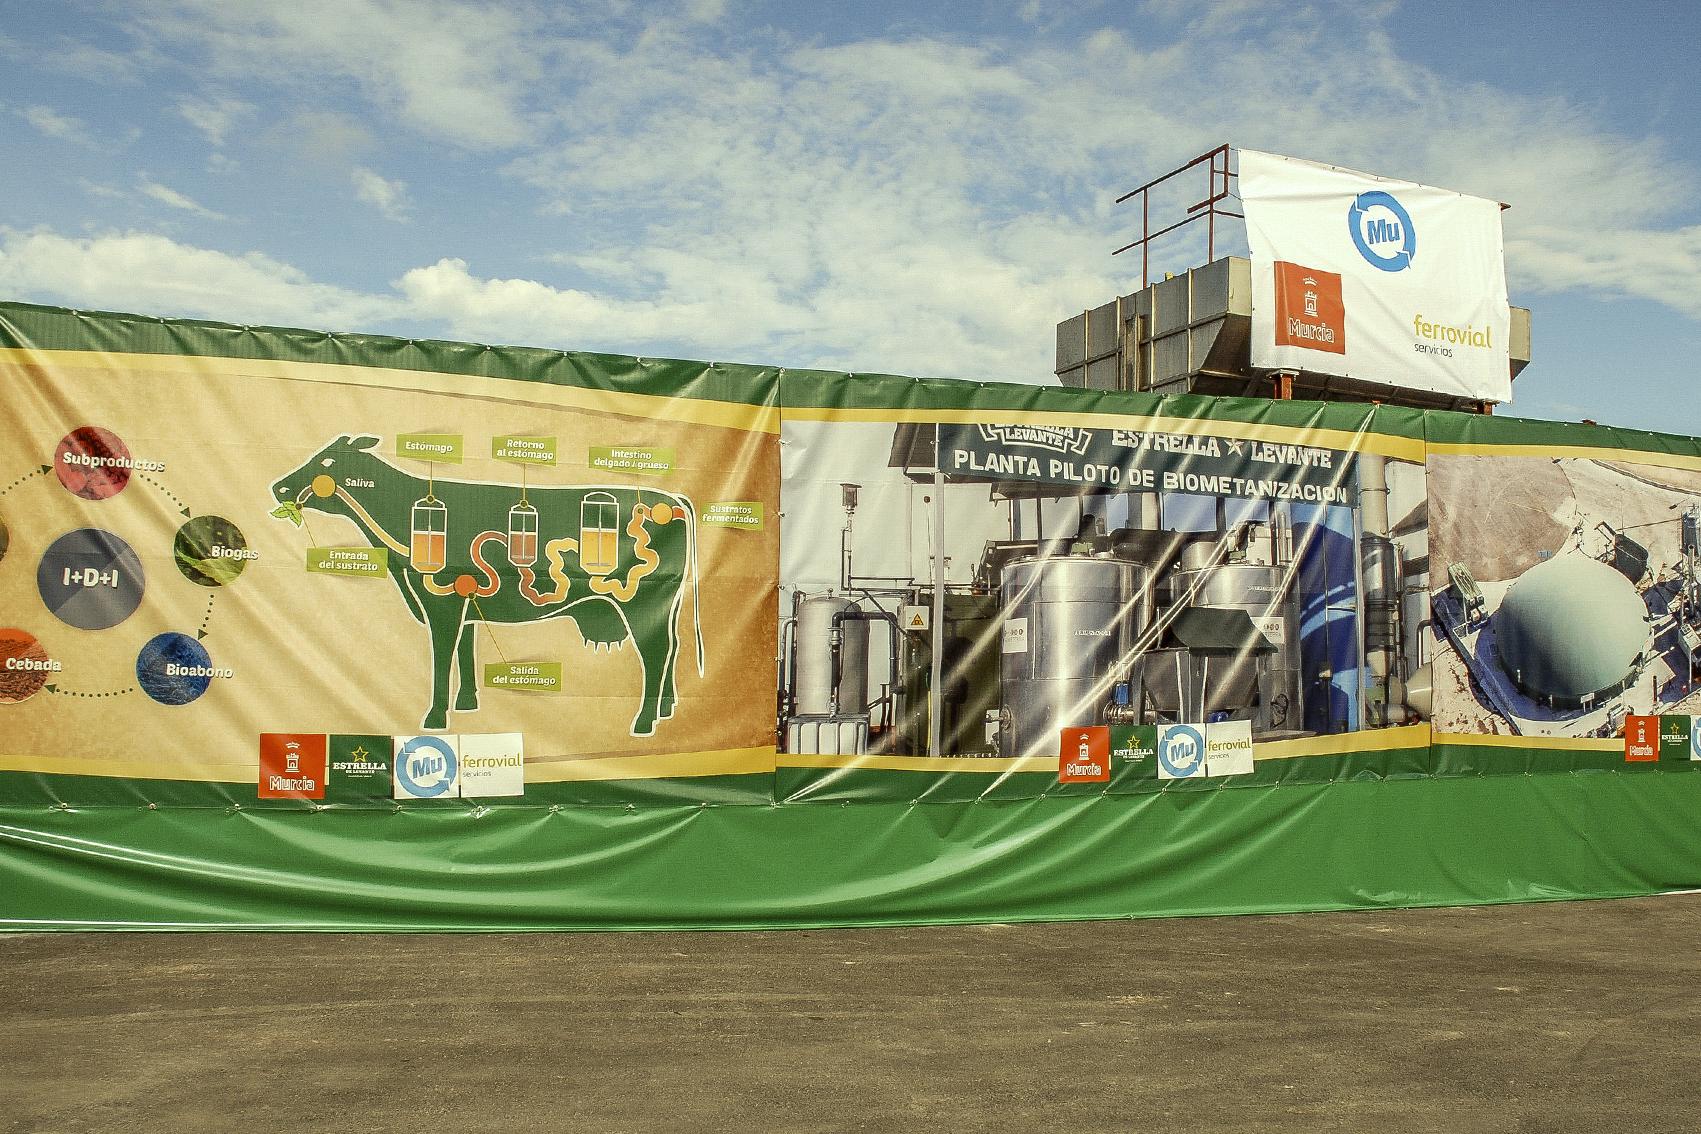 inauguración-de-la-planta-de-Biometanización-de-Estrella-de-Levante